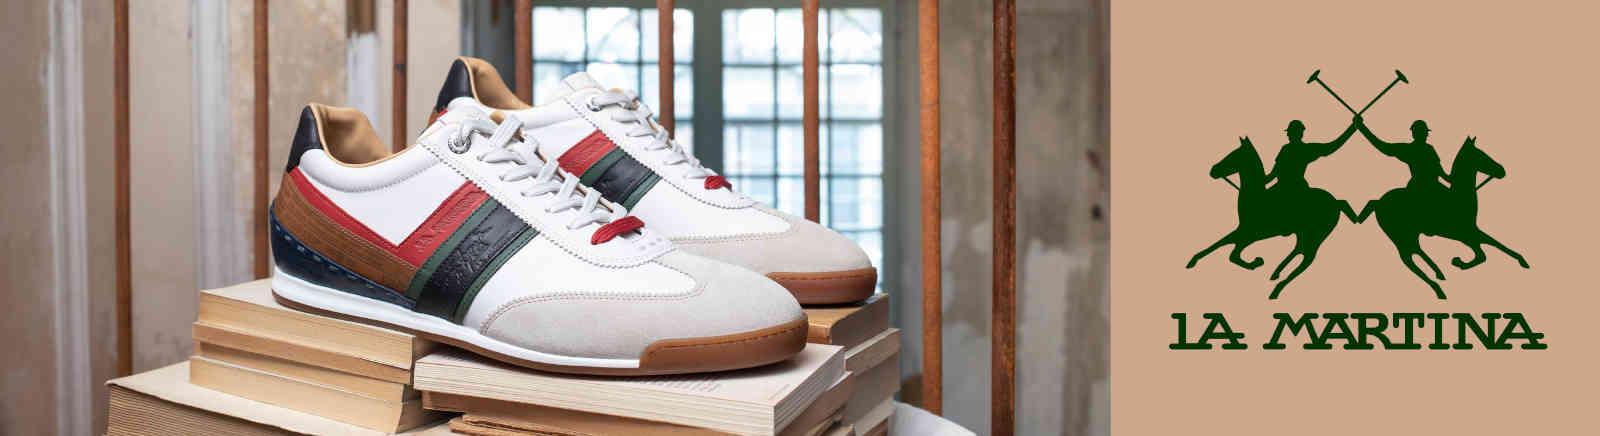 La Martina Schuhe für Herren online bestellen im Juppen Shop